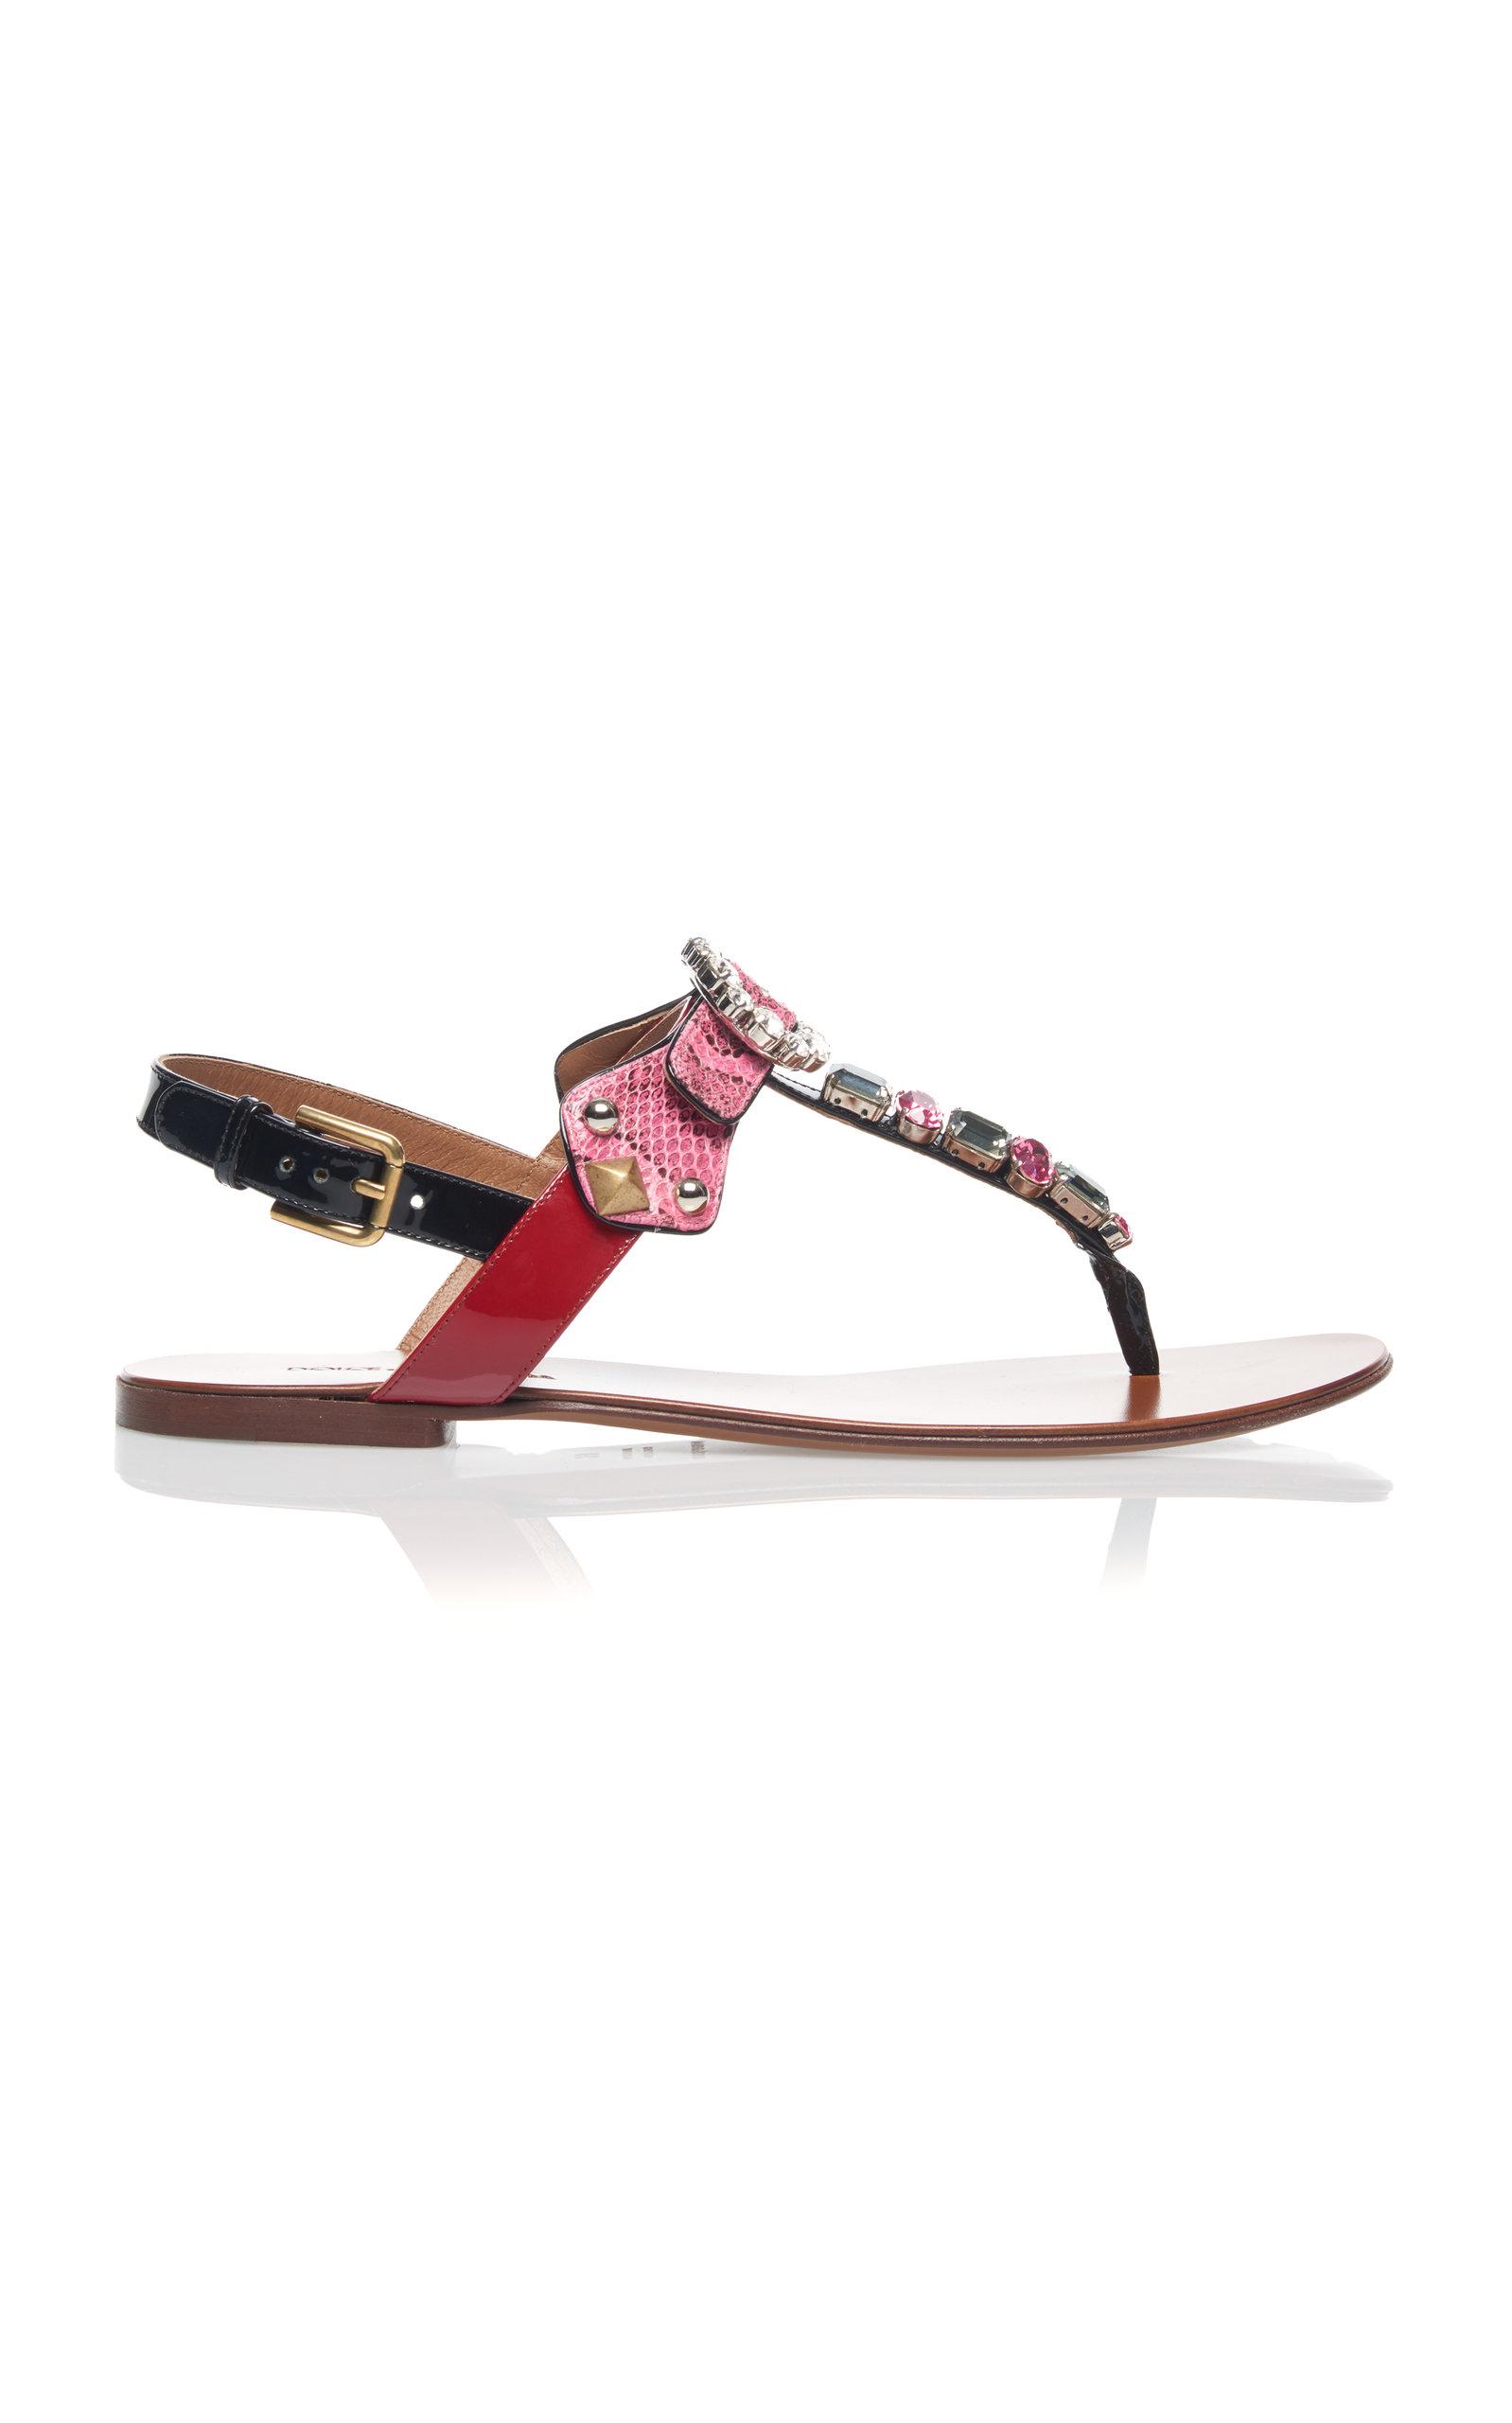 Embellished Snake and Leather Sandals Dolce & Gabbana h2Kbd